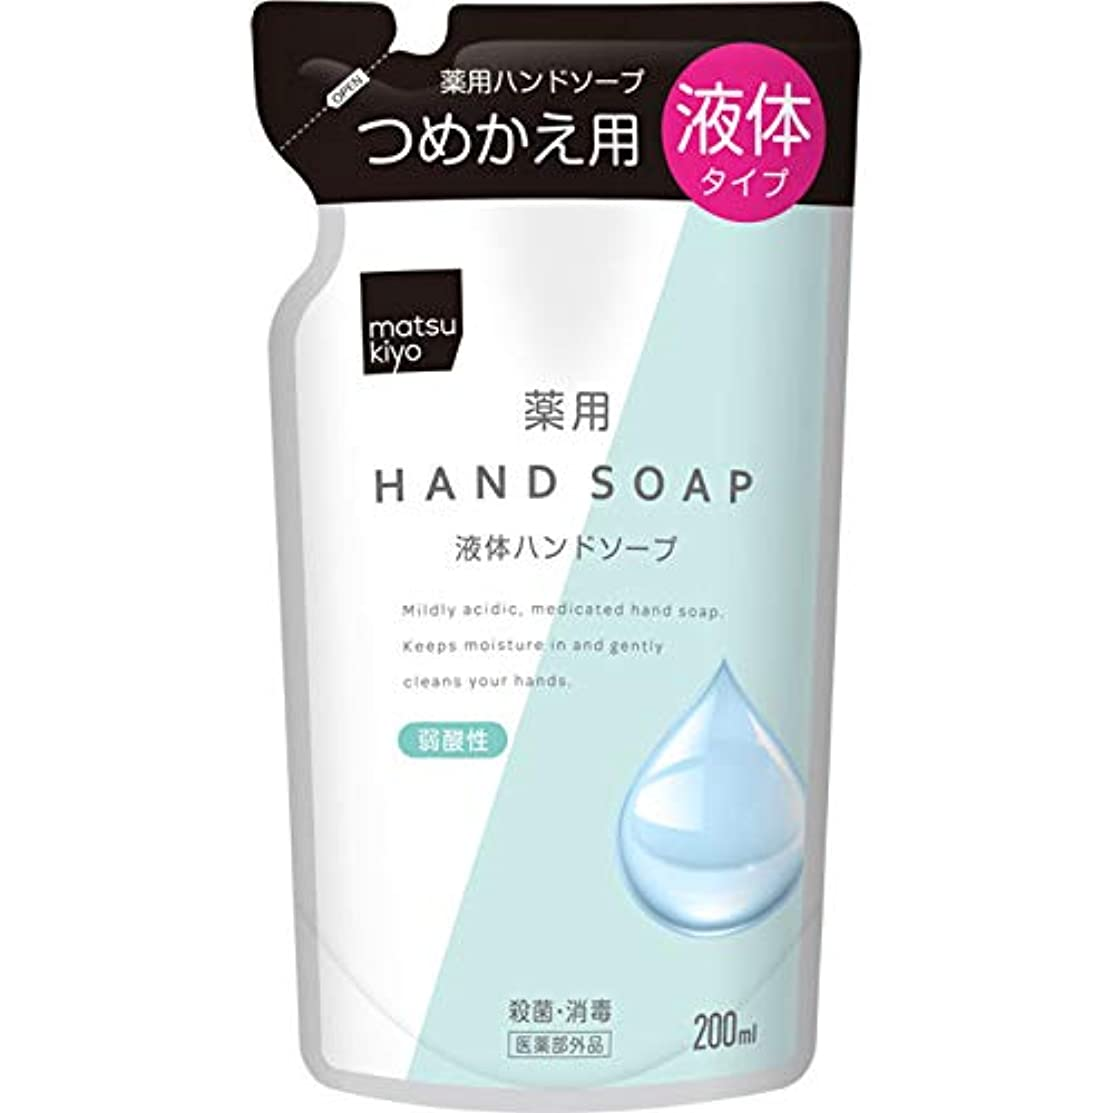 シーボードクローゼット離すイーナ matsukiyo 薬用液体ハンドソープ詰替 200ml (医薬部外品)